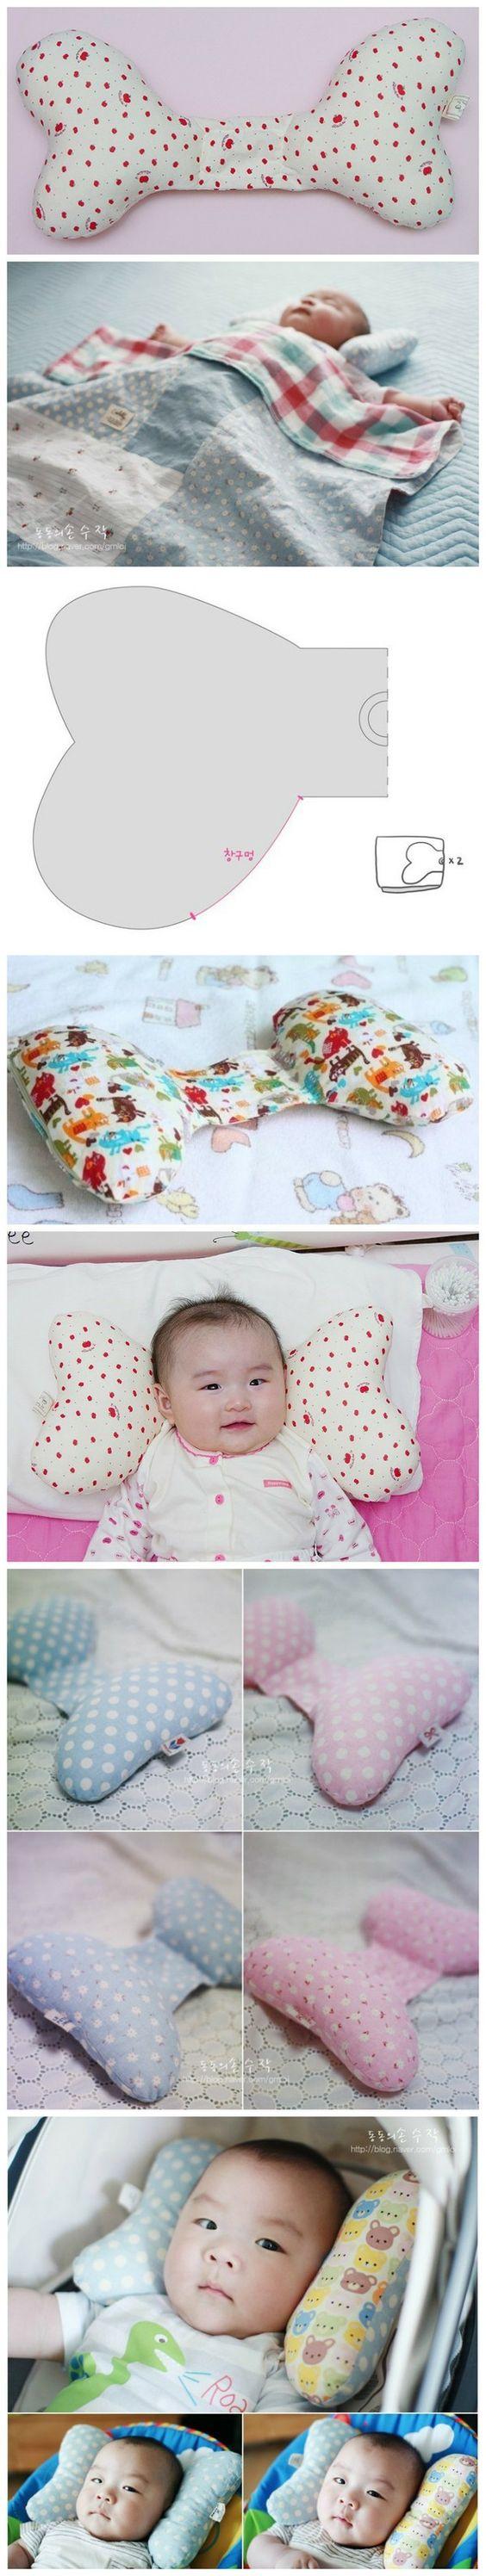 travesseiro para bebebabby